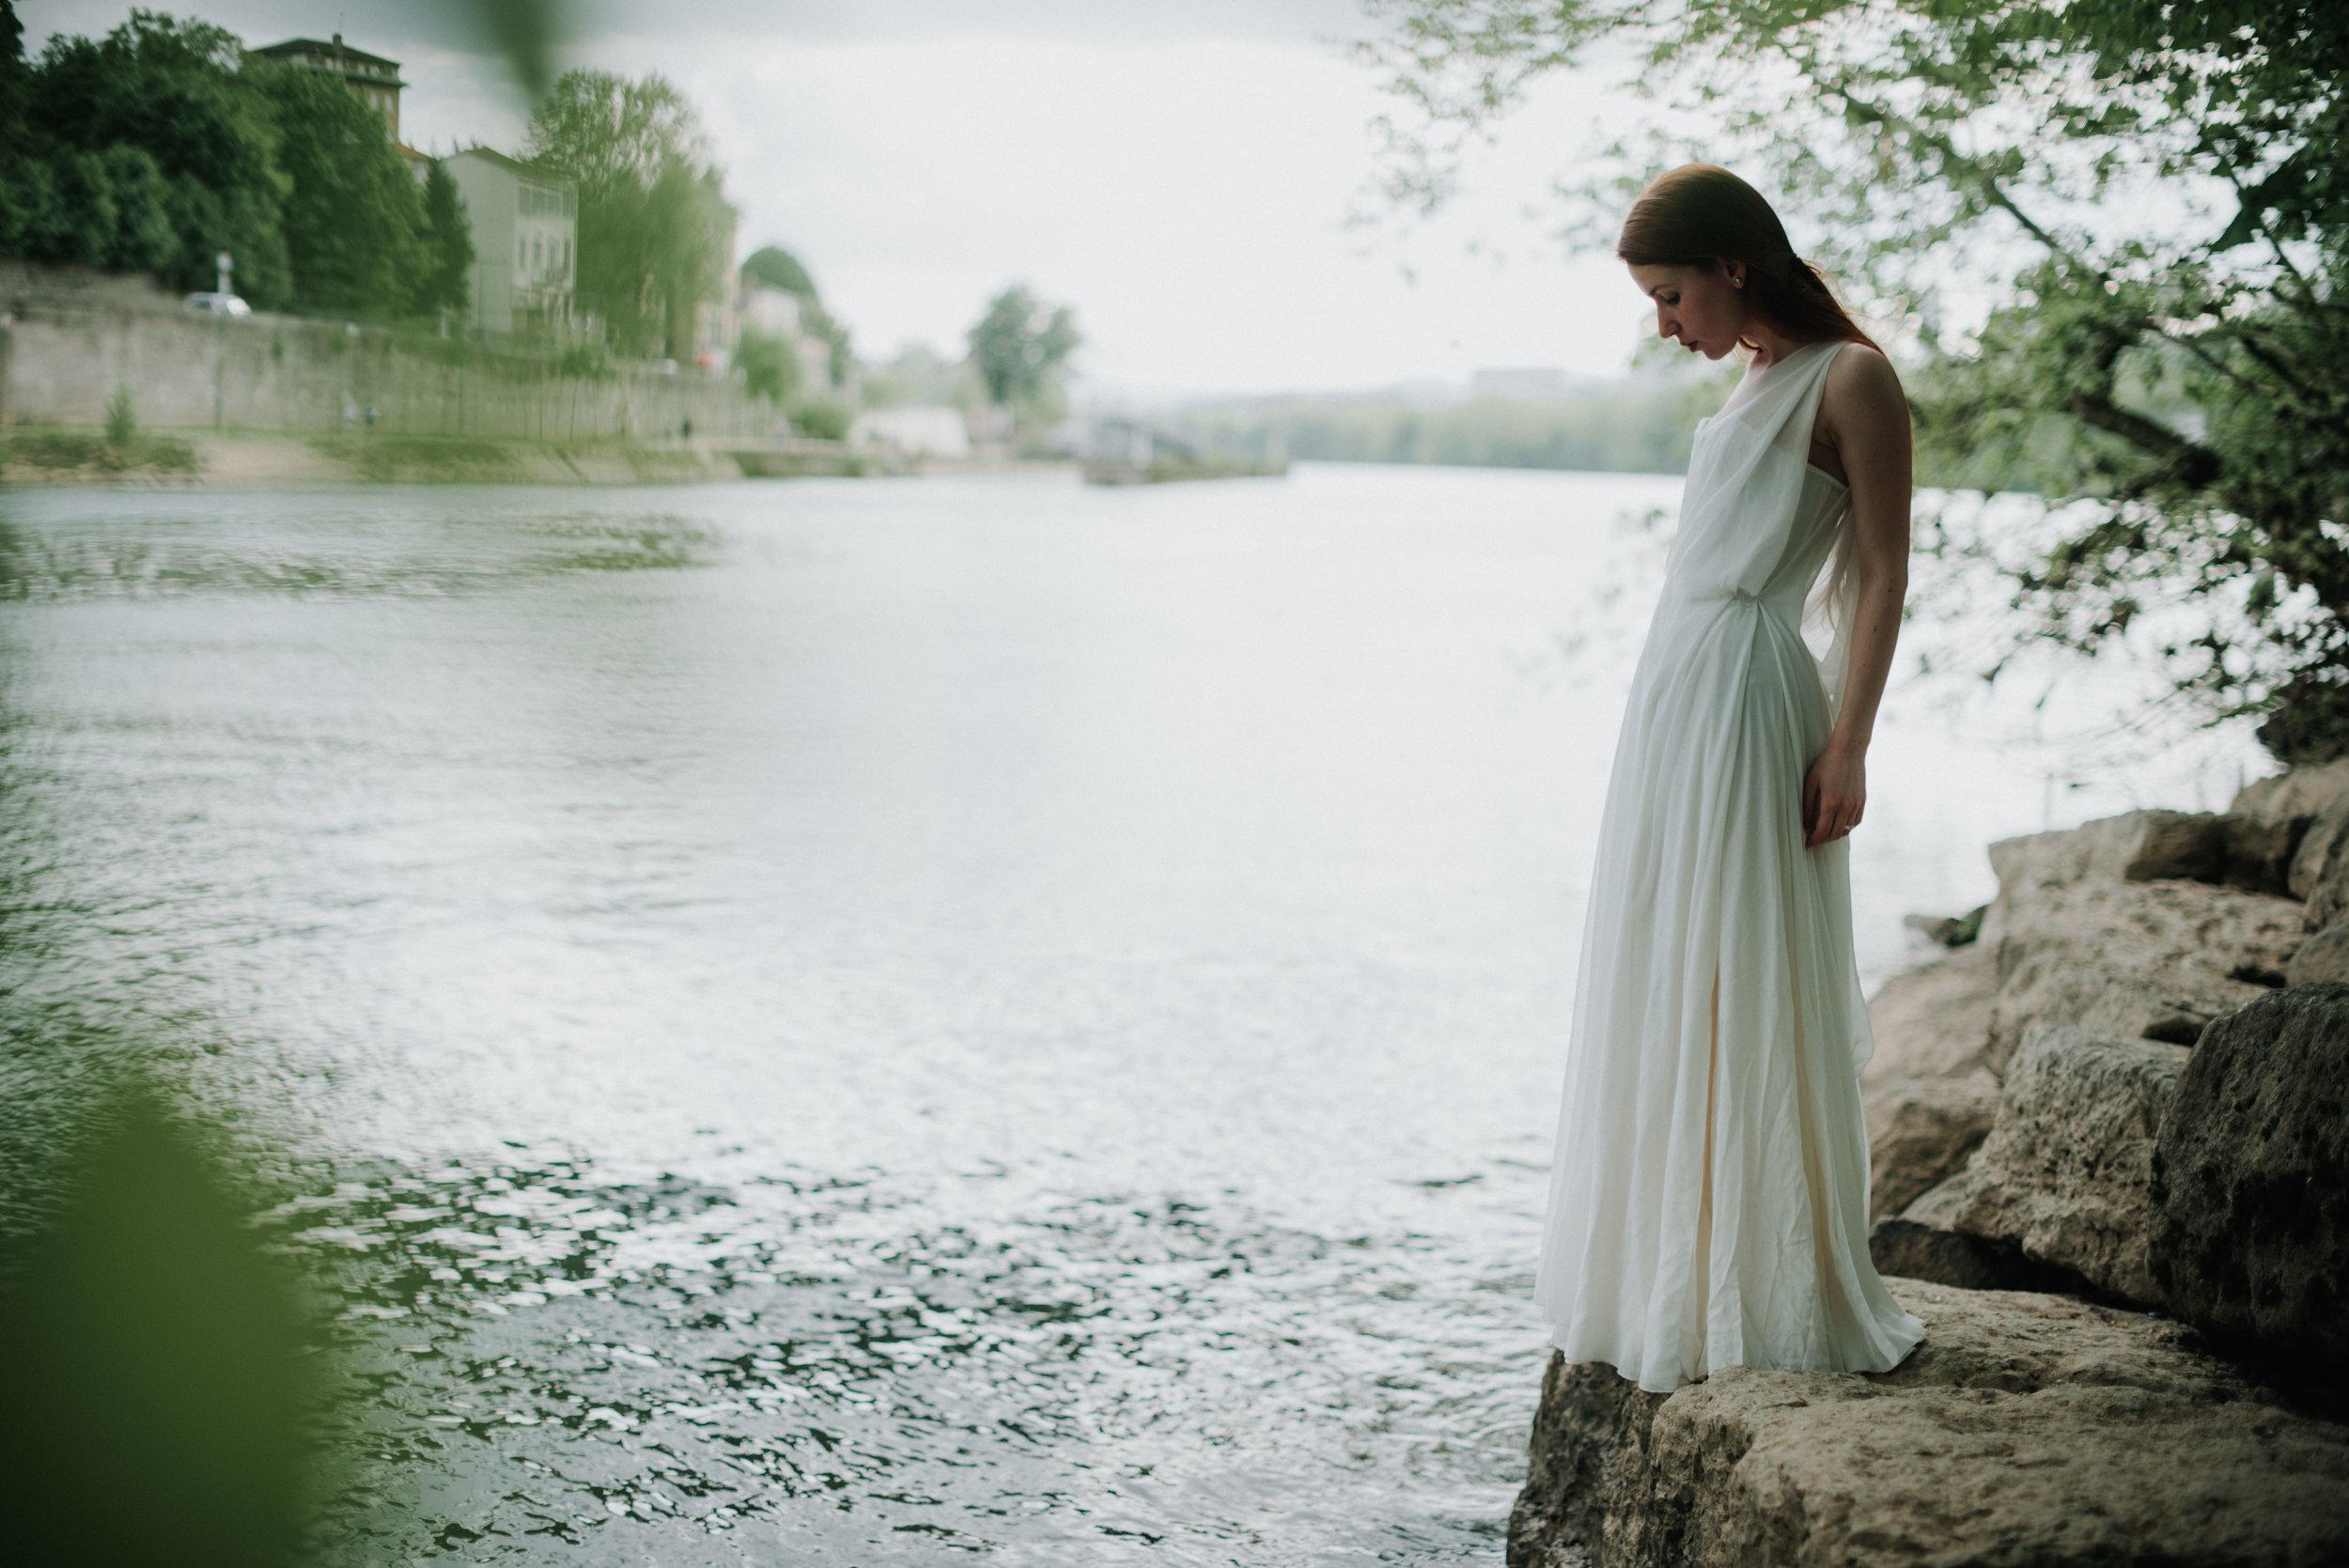 Léa-Fery-photographe-professionnel-lyon-rhone-alpes-portrait-creation-mariage-evenement-evenementiel-famille--5.jpg